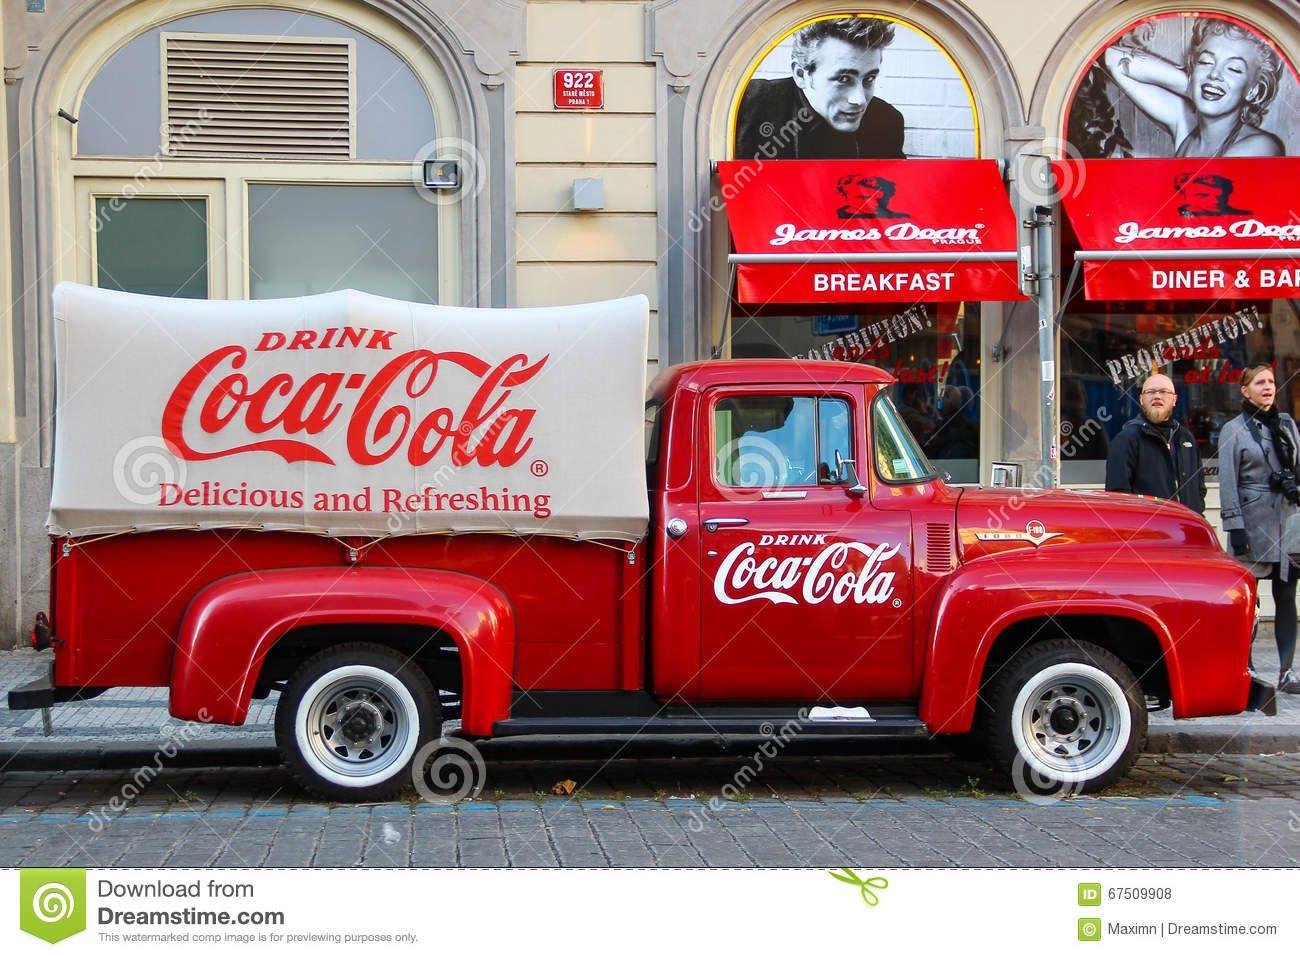 ป กพ นในบอร ด Coca Cola